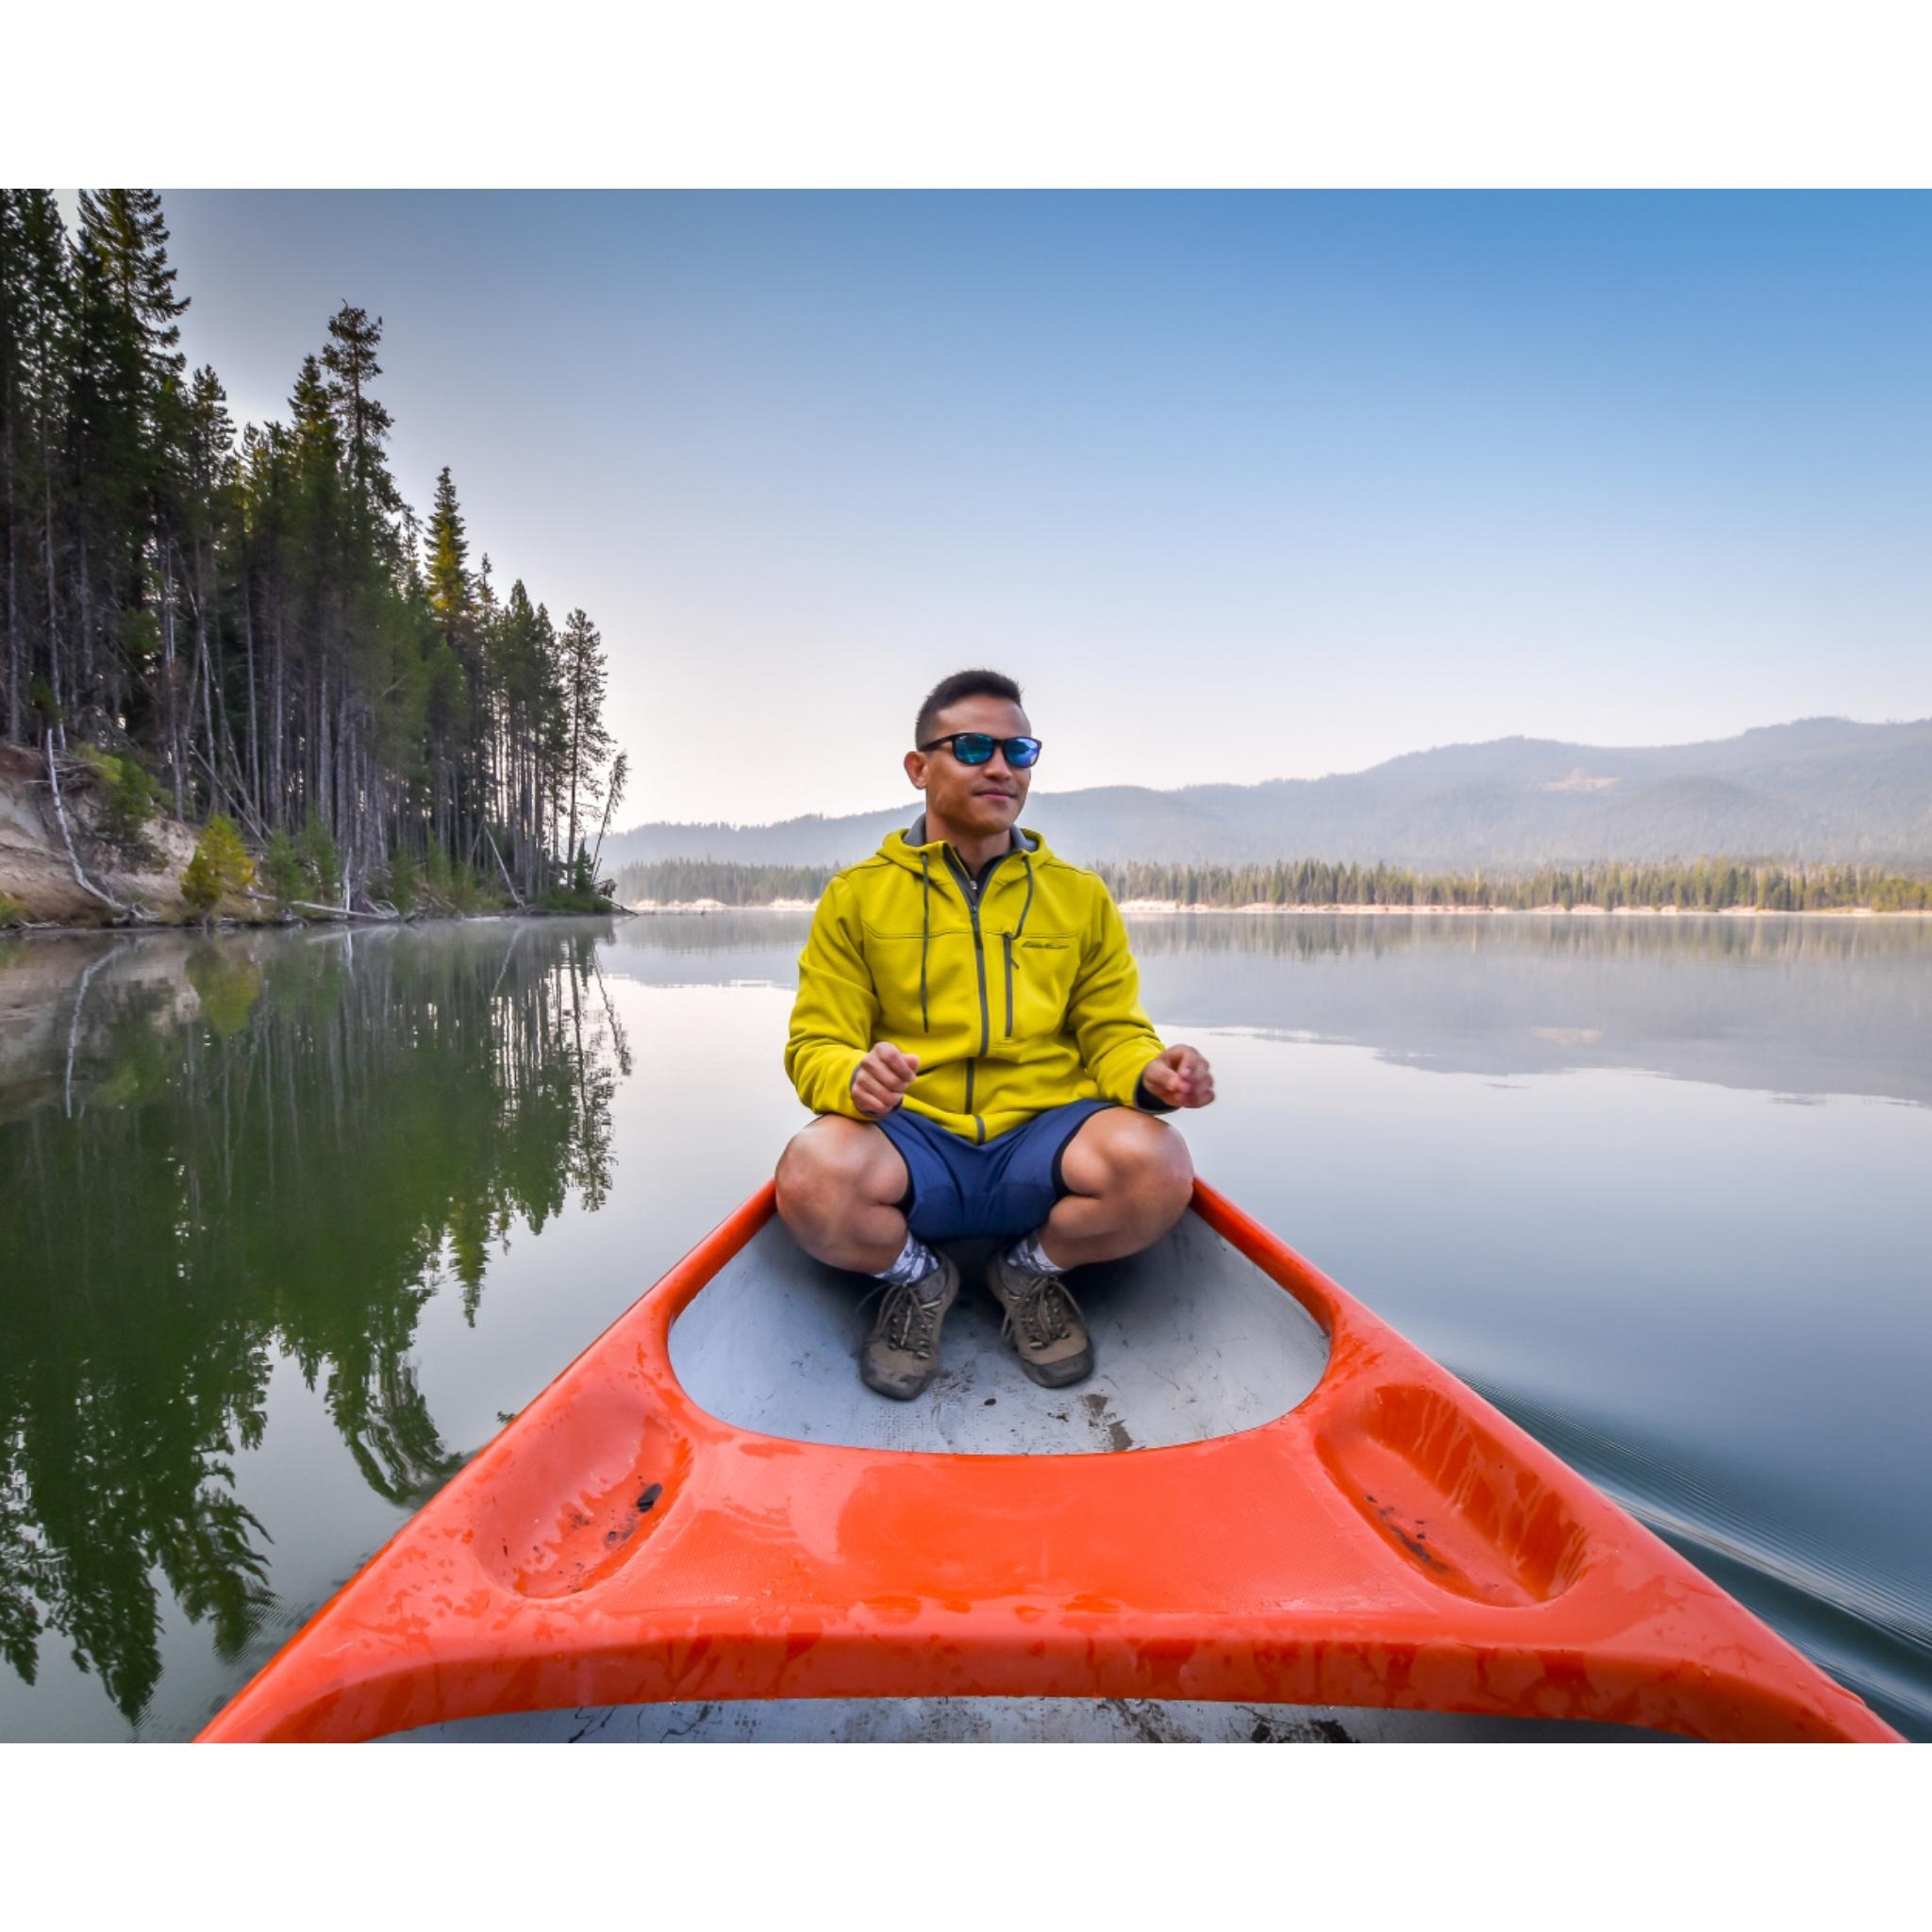 we had fun on the canoe